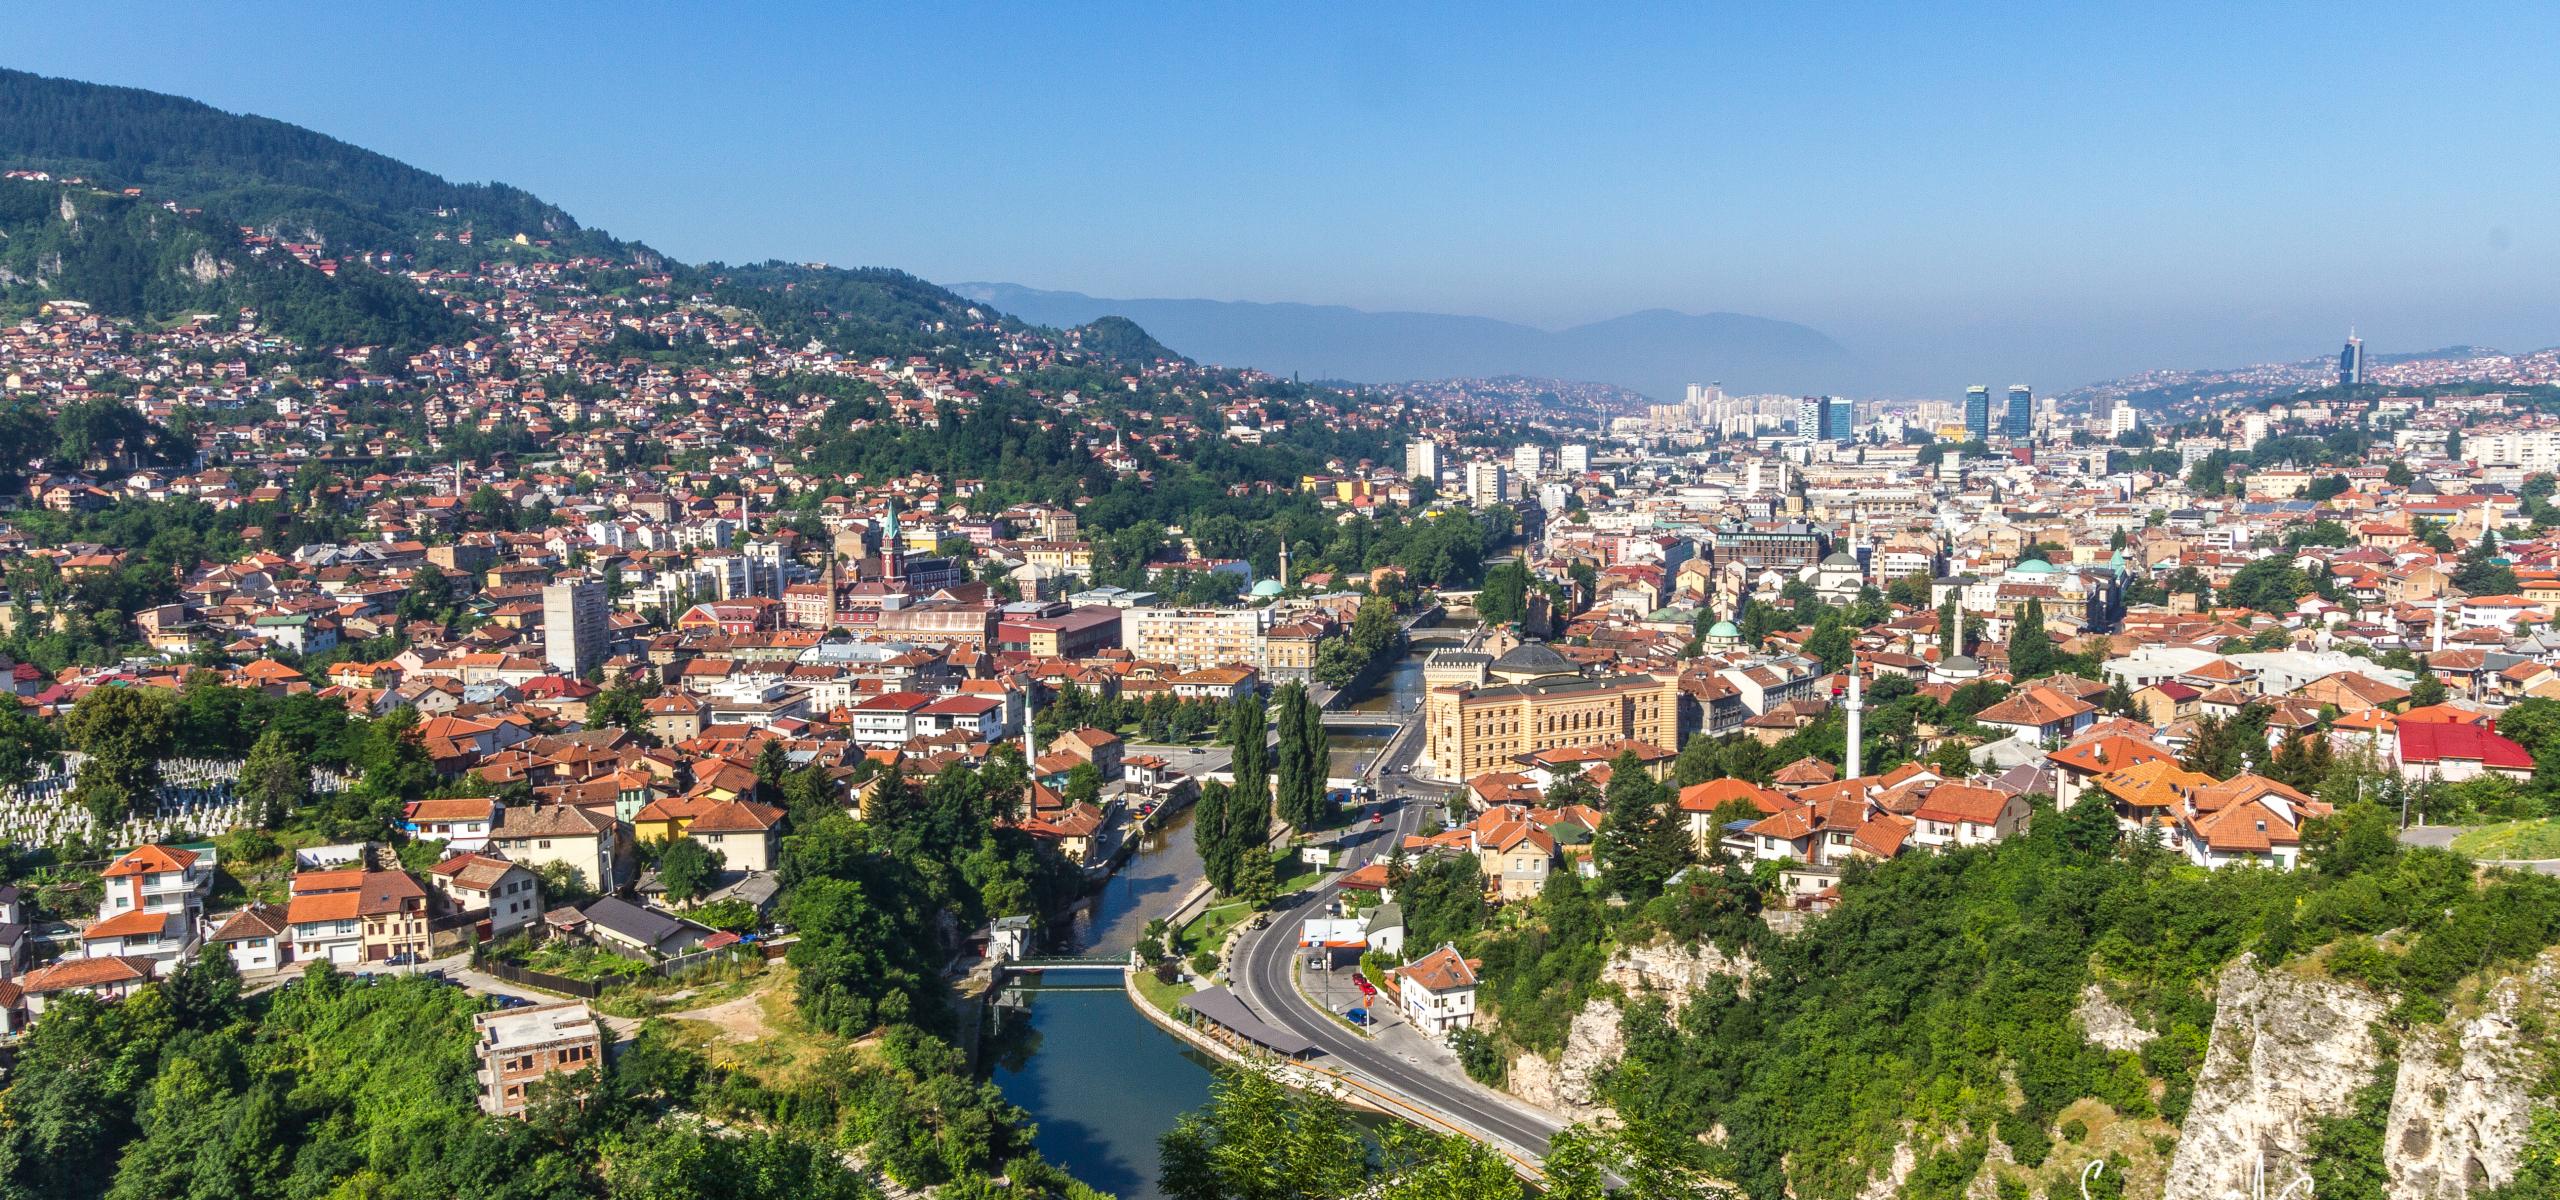 Gdje živiš? U Istočnom Sarajevu. A gdje radiš? U Političkom Sarajevu!